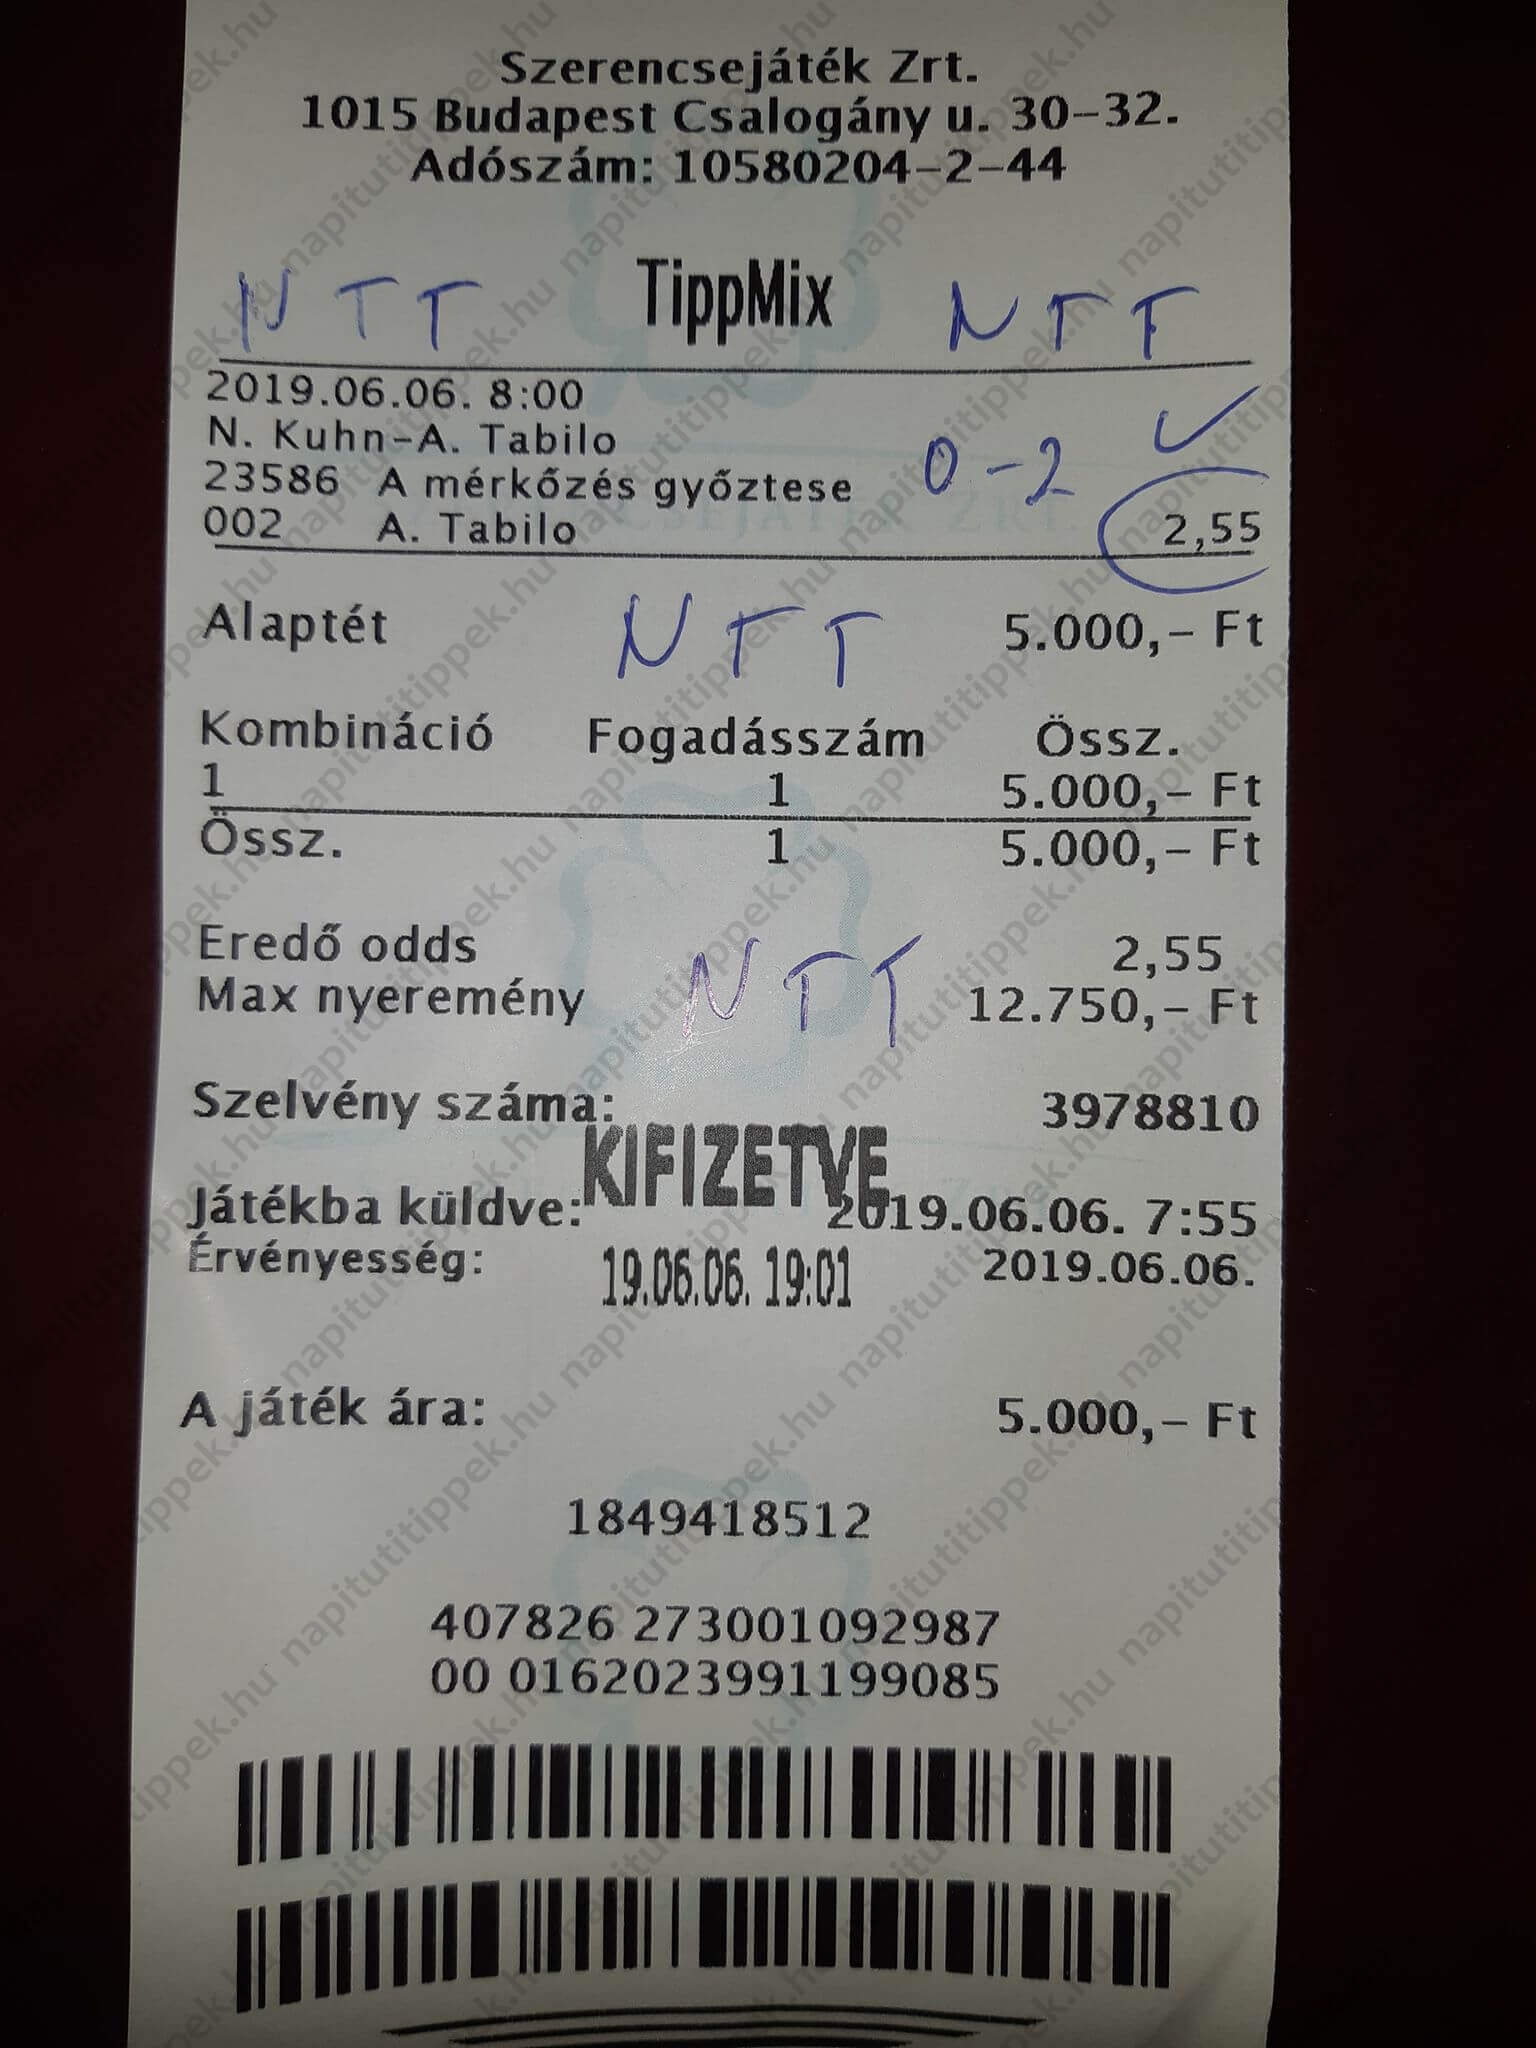 Kidolgozott sportfogadási szisztémák Tippmixre: Tippmix tippek, mérkőzés elemzések, statisztikai adatok. Napi ingyenes tippek. Csatlakozz Magyarország legsikeresebb sportfogadó csapatához!